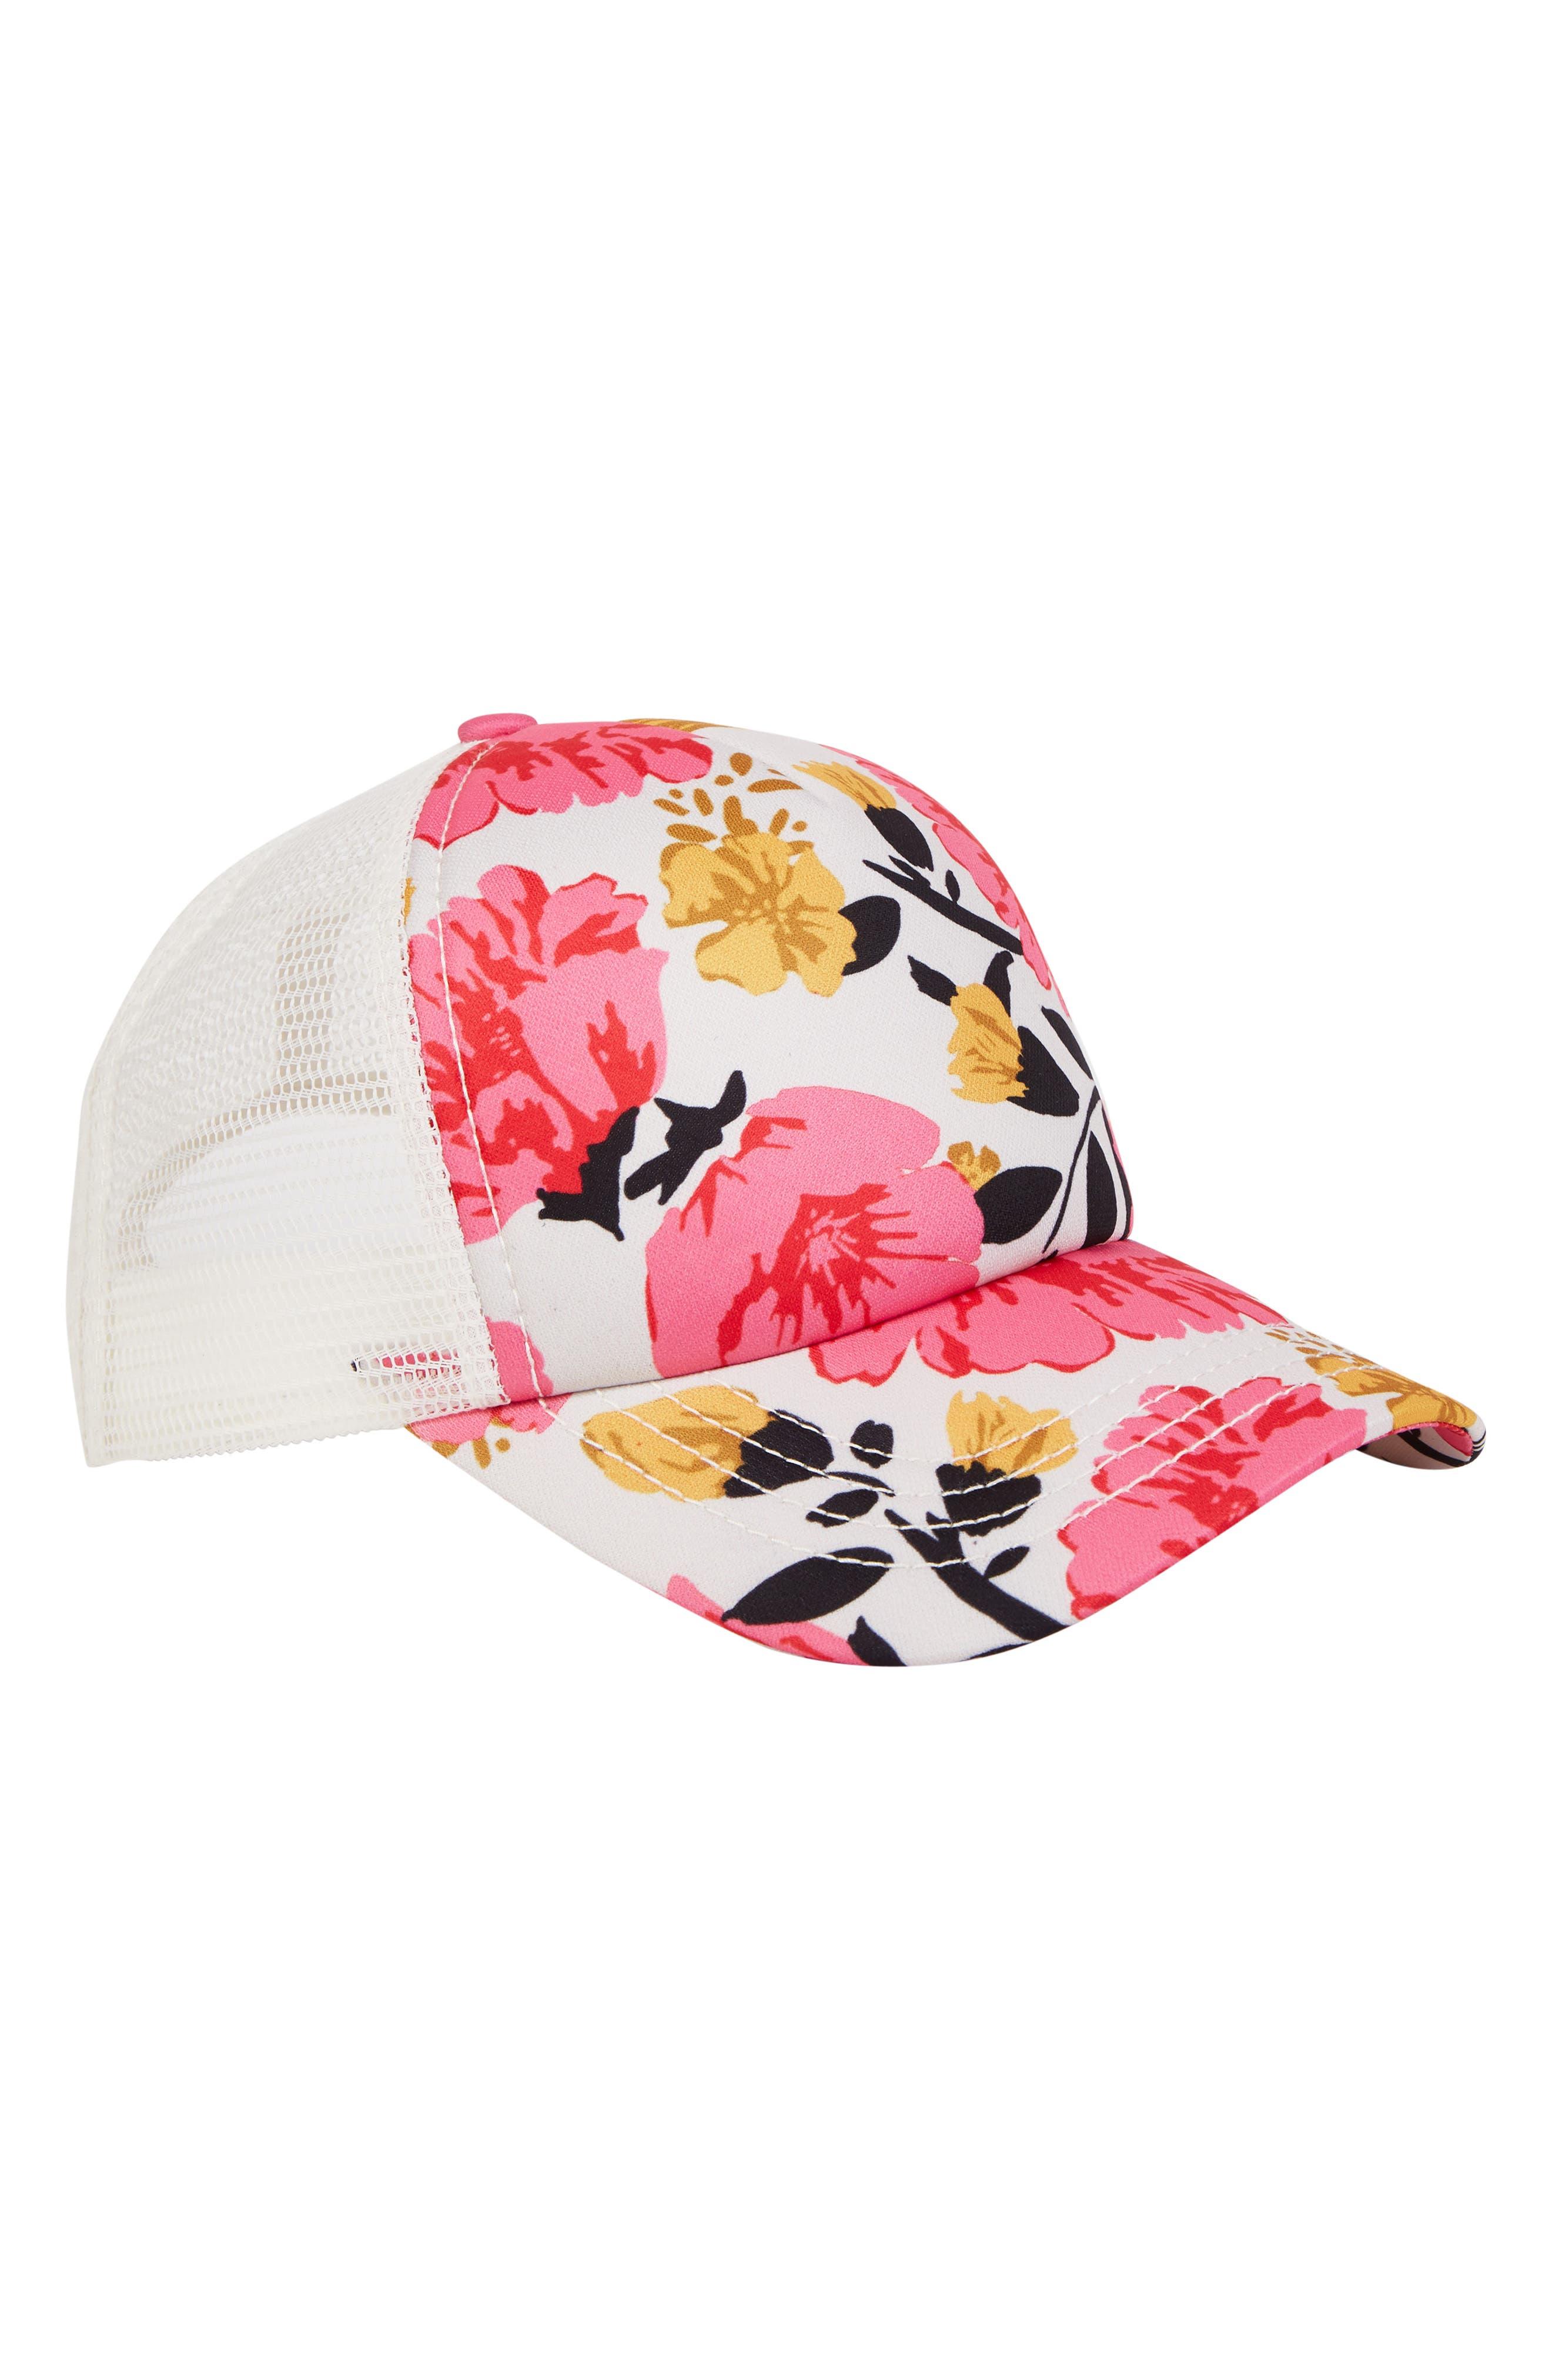 Shenanigans Trucker Hat,                             Alternate thumbnail 3, color,                             TPK-TAHITI PINK